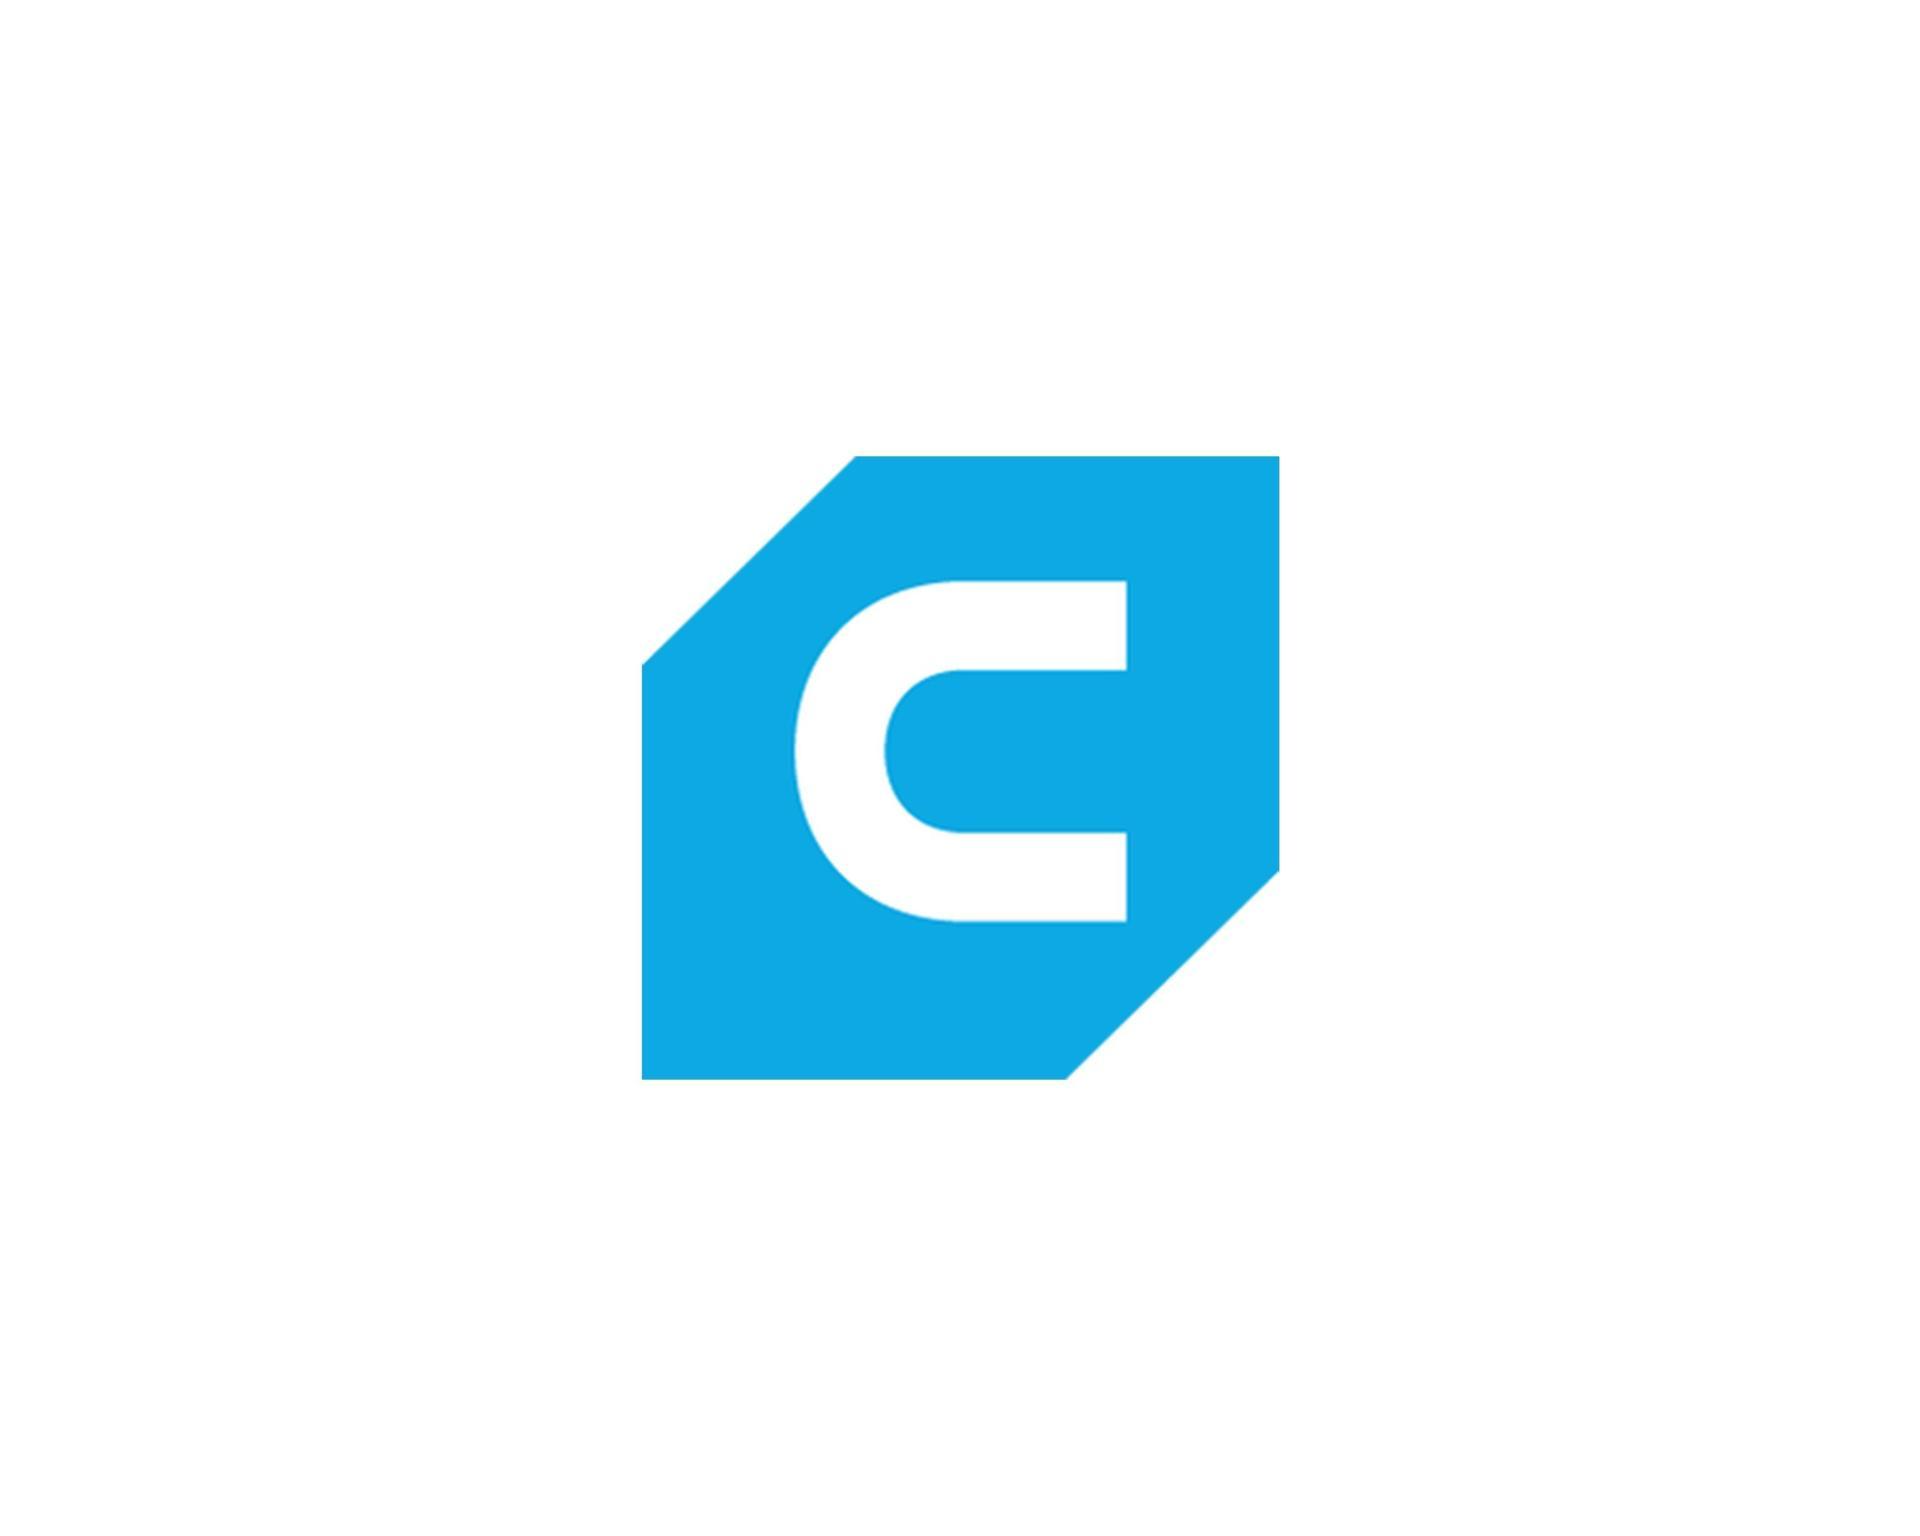 큐라 소프트웨어 로고